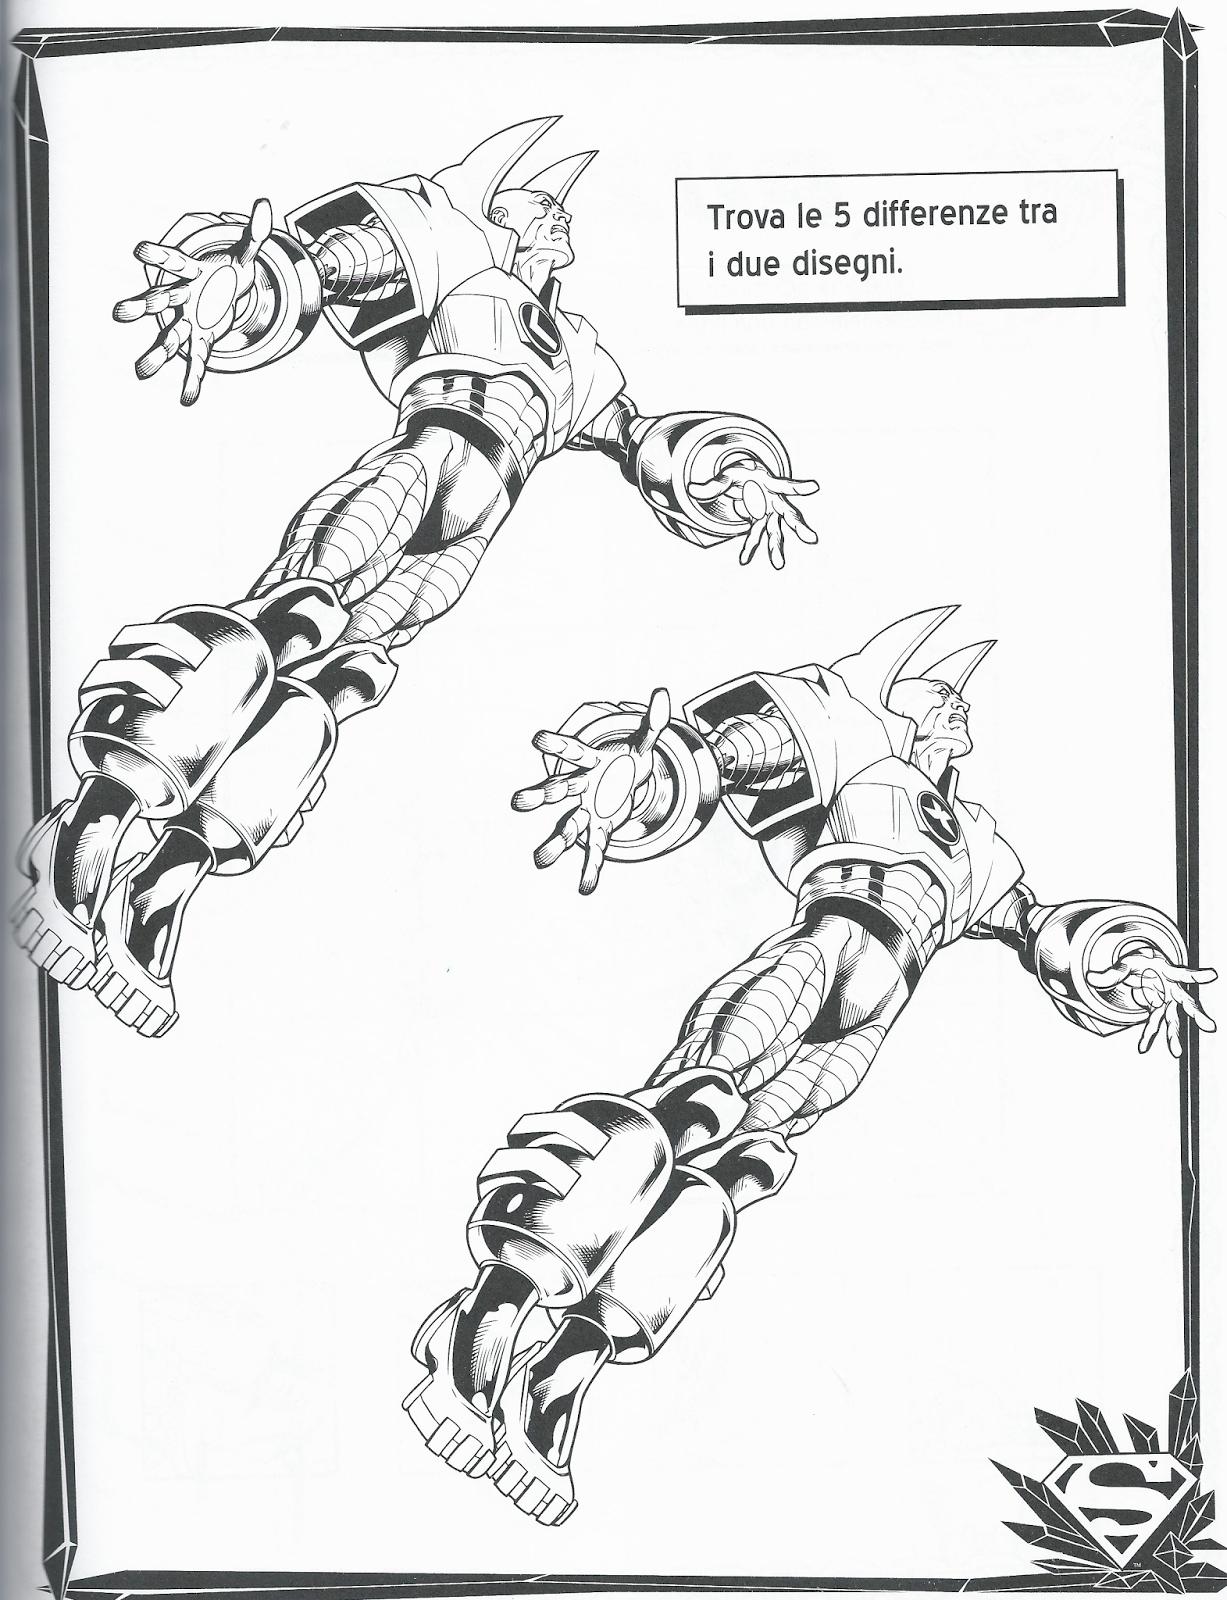 Disegni Da Colorare Supermandisegni Da Colorare Enigmistica E